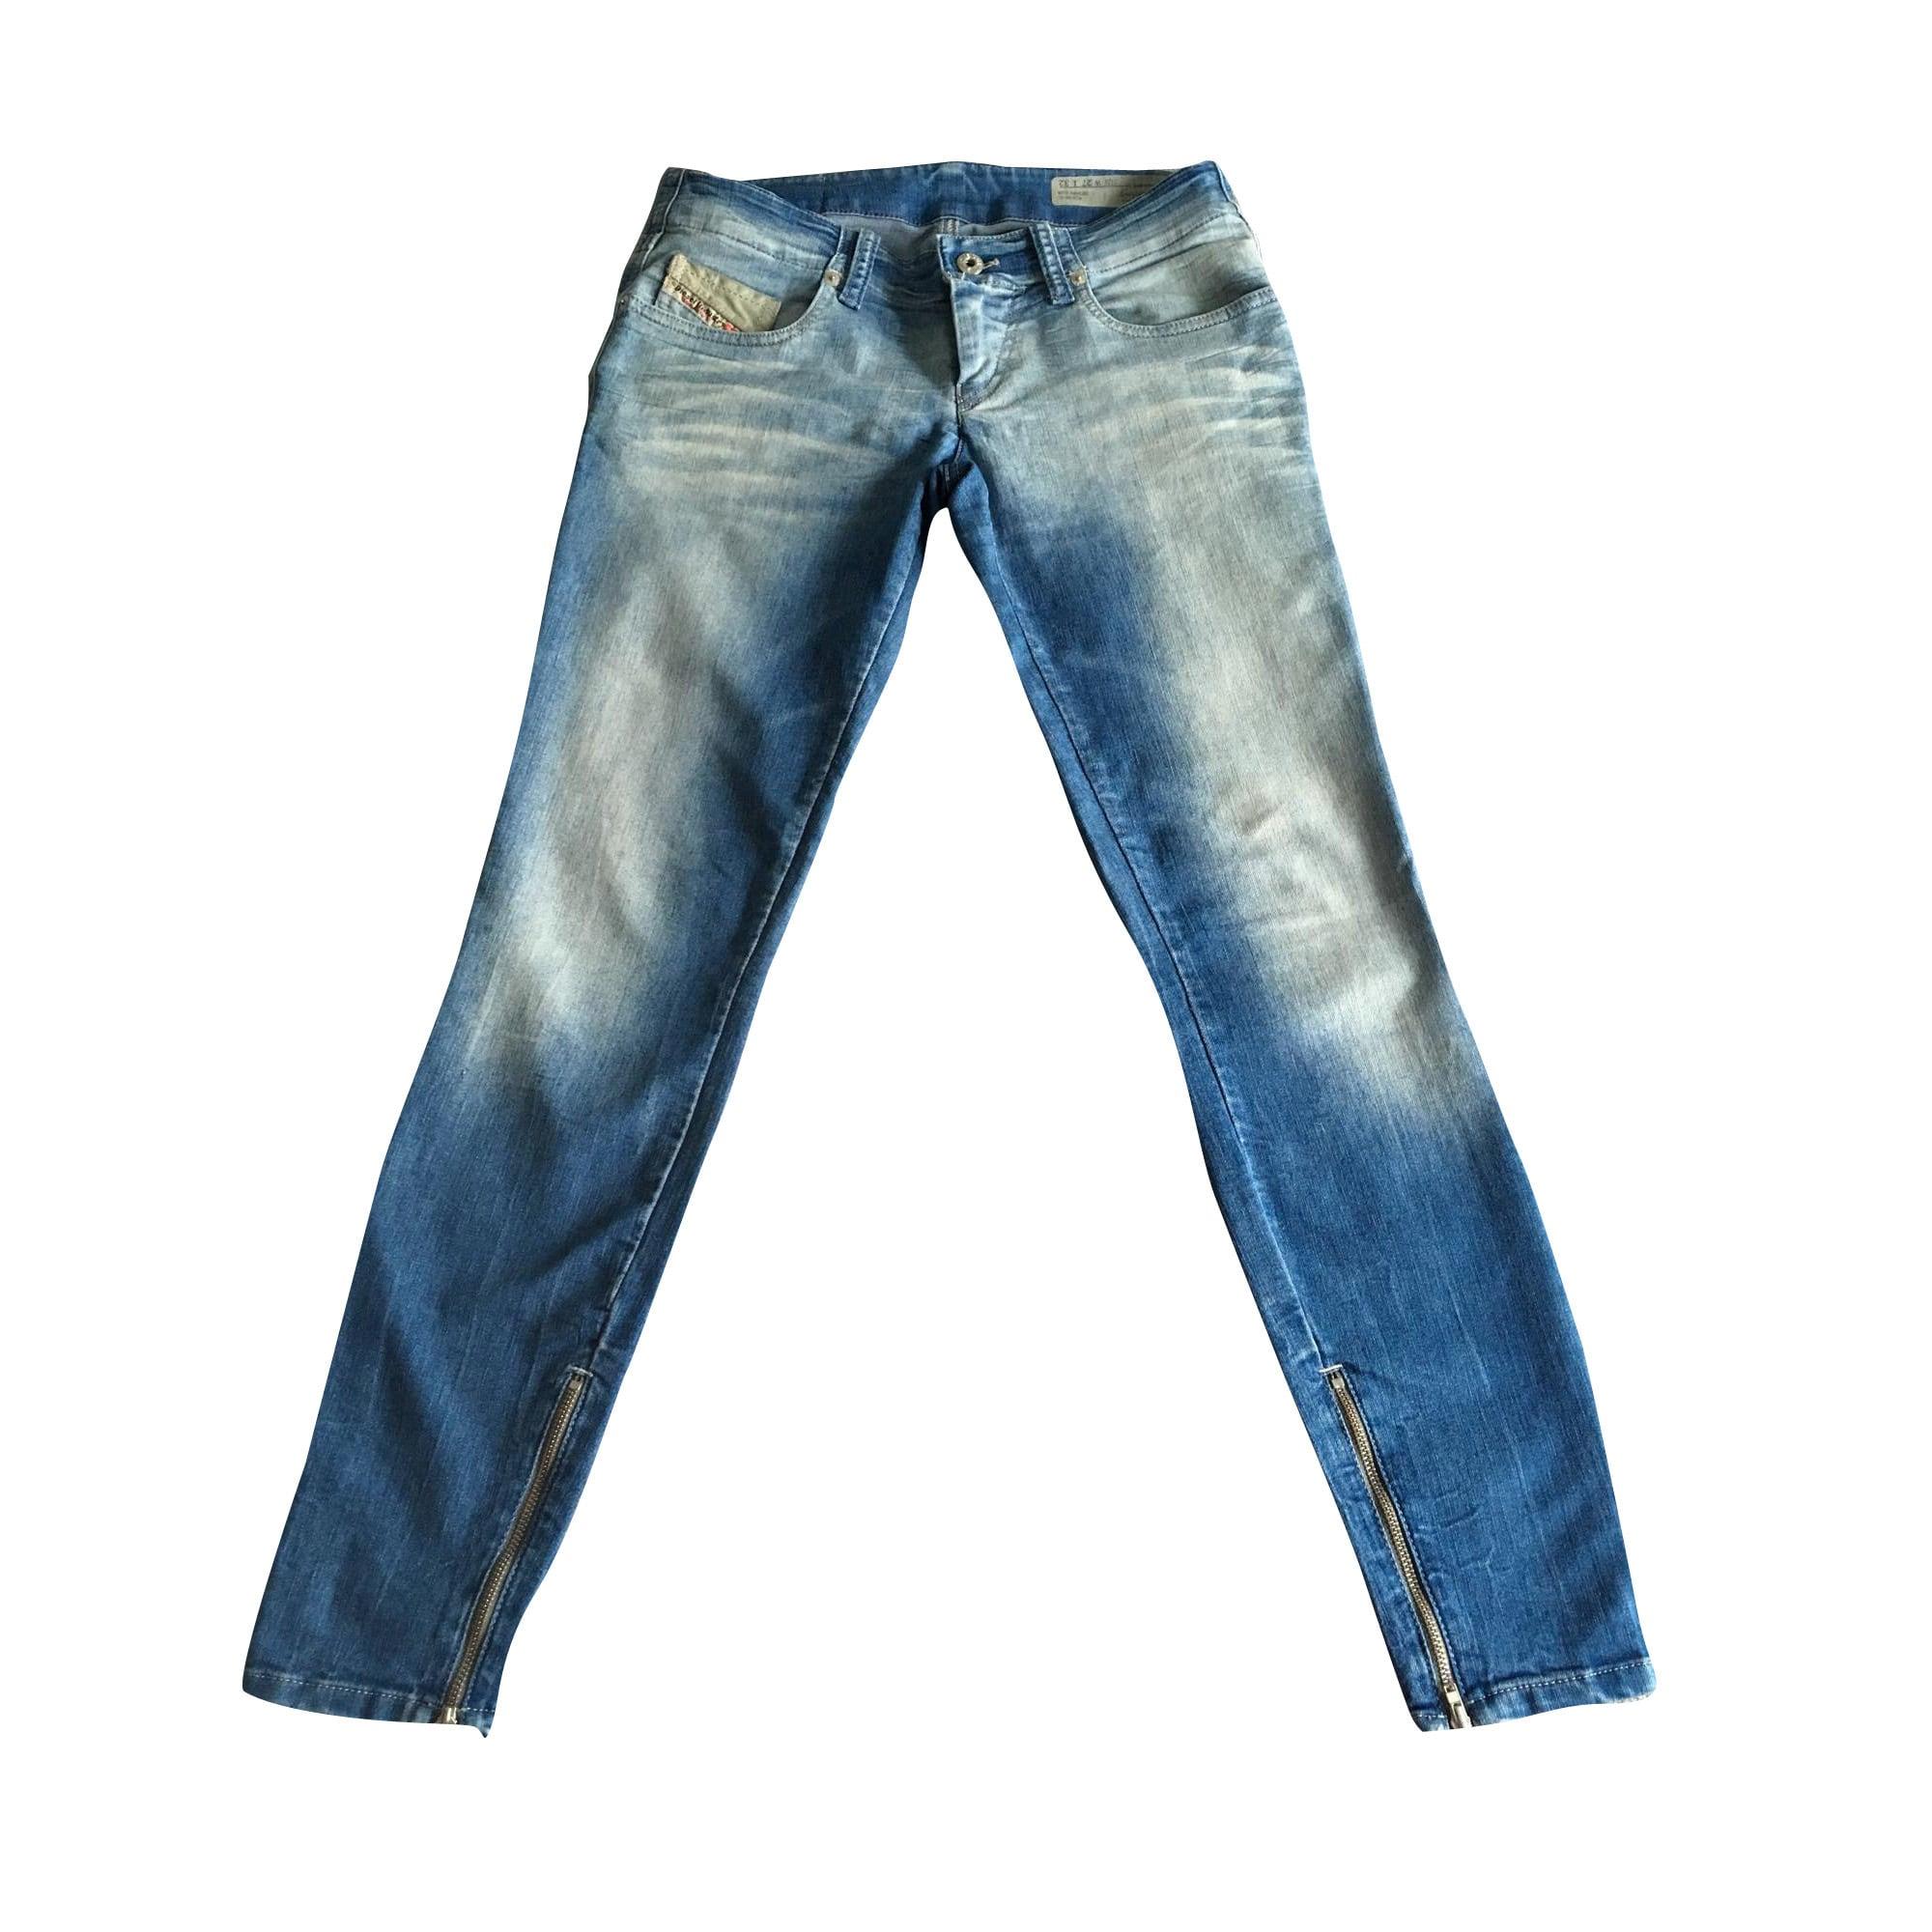 7f71dfc3 Jeans slim DIESEL W27 (T 36) bleu vendu par Aurelie 4533 - 6578723